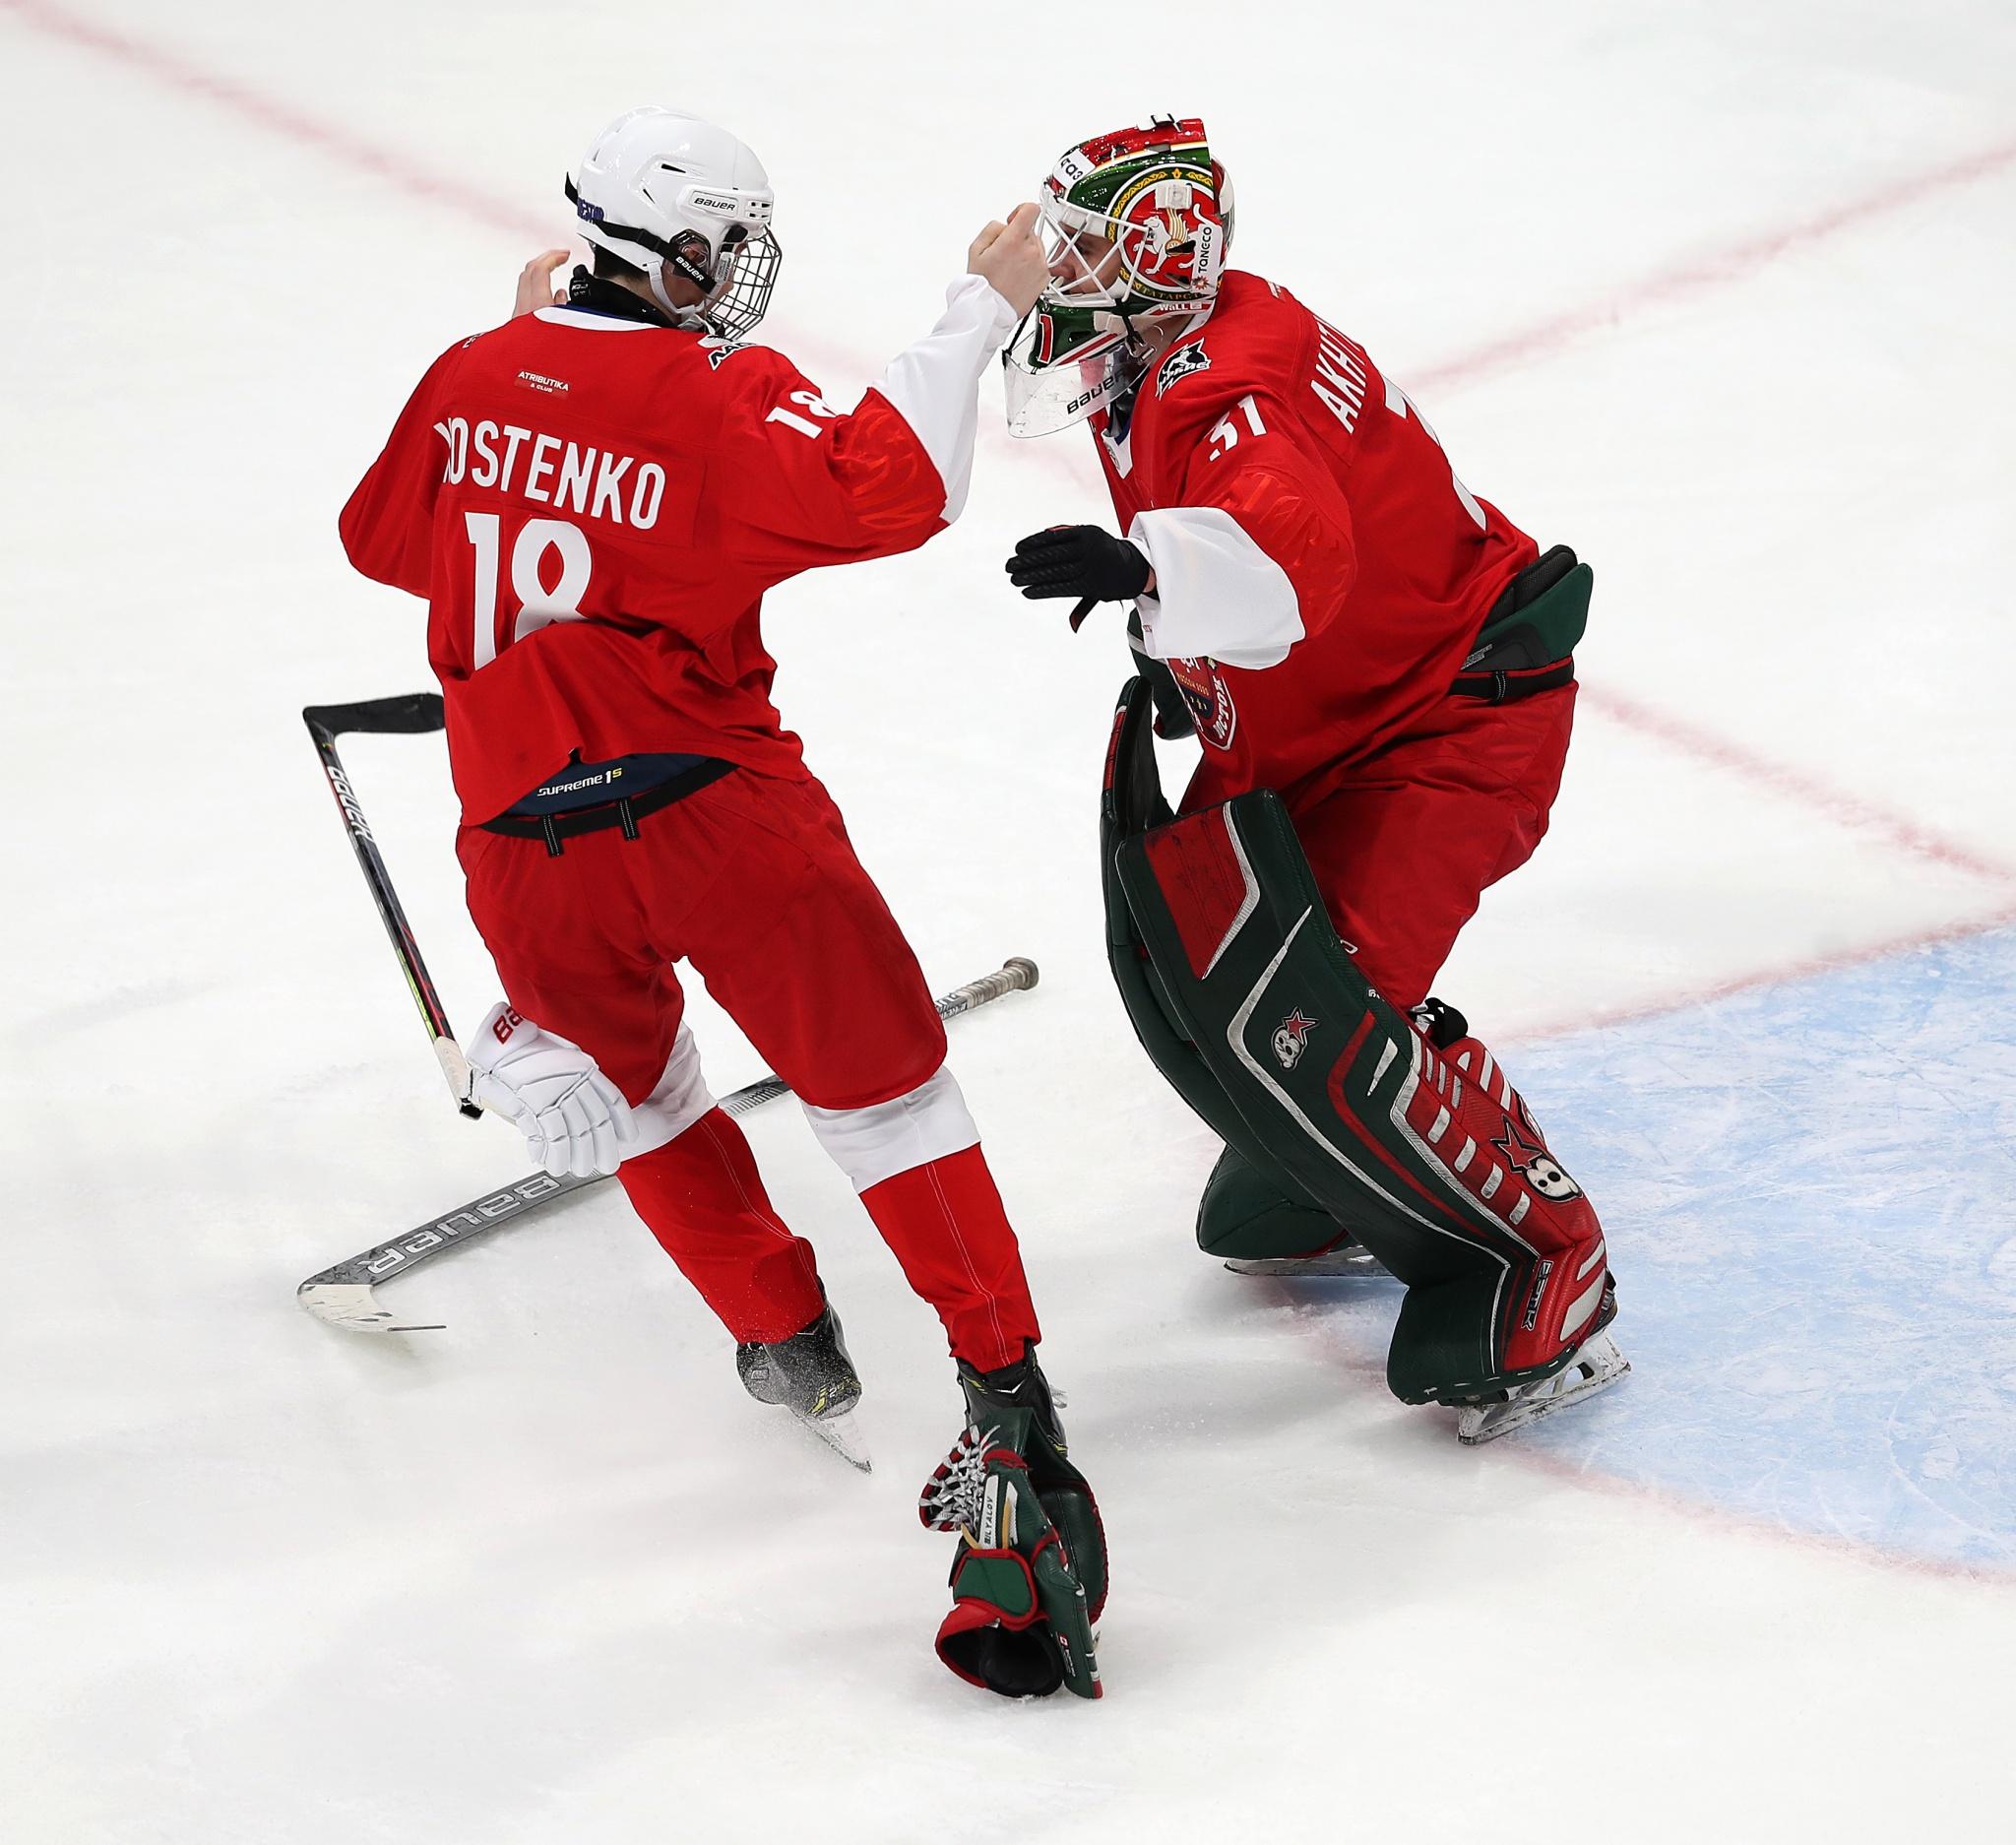 Дмитрий Костенко и Артур Ахтямов. Фото: Владимир Беззубов